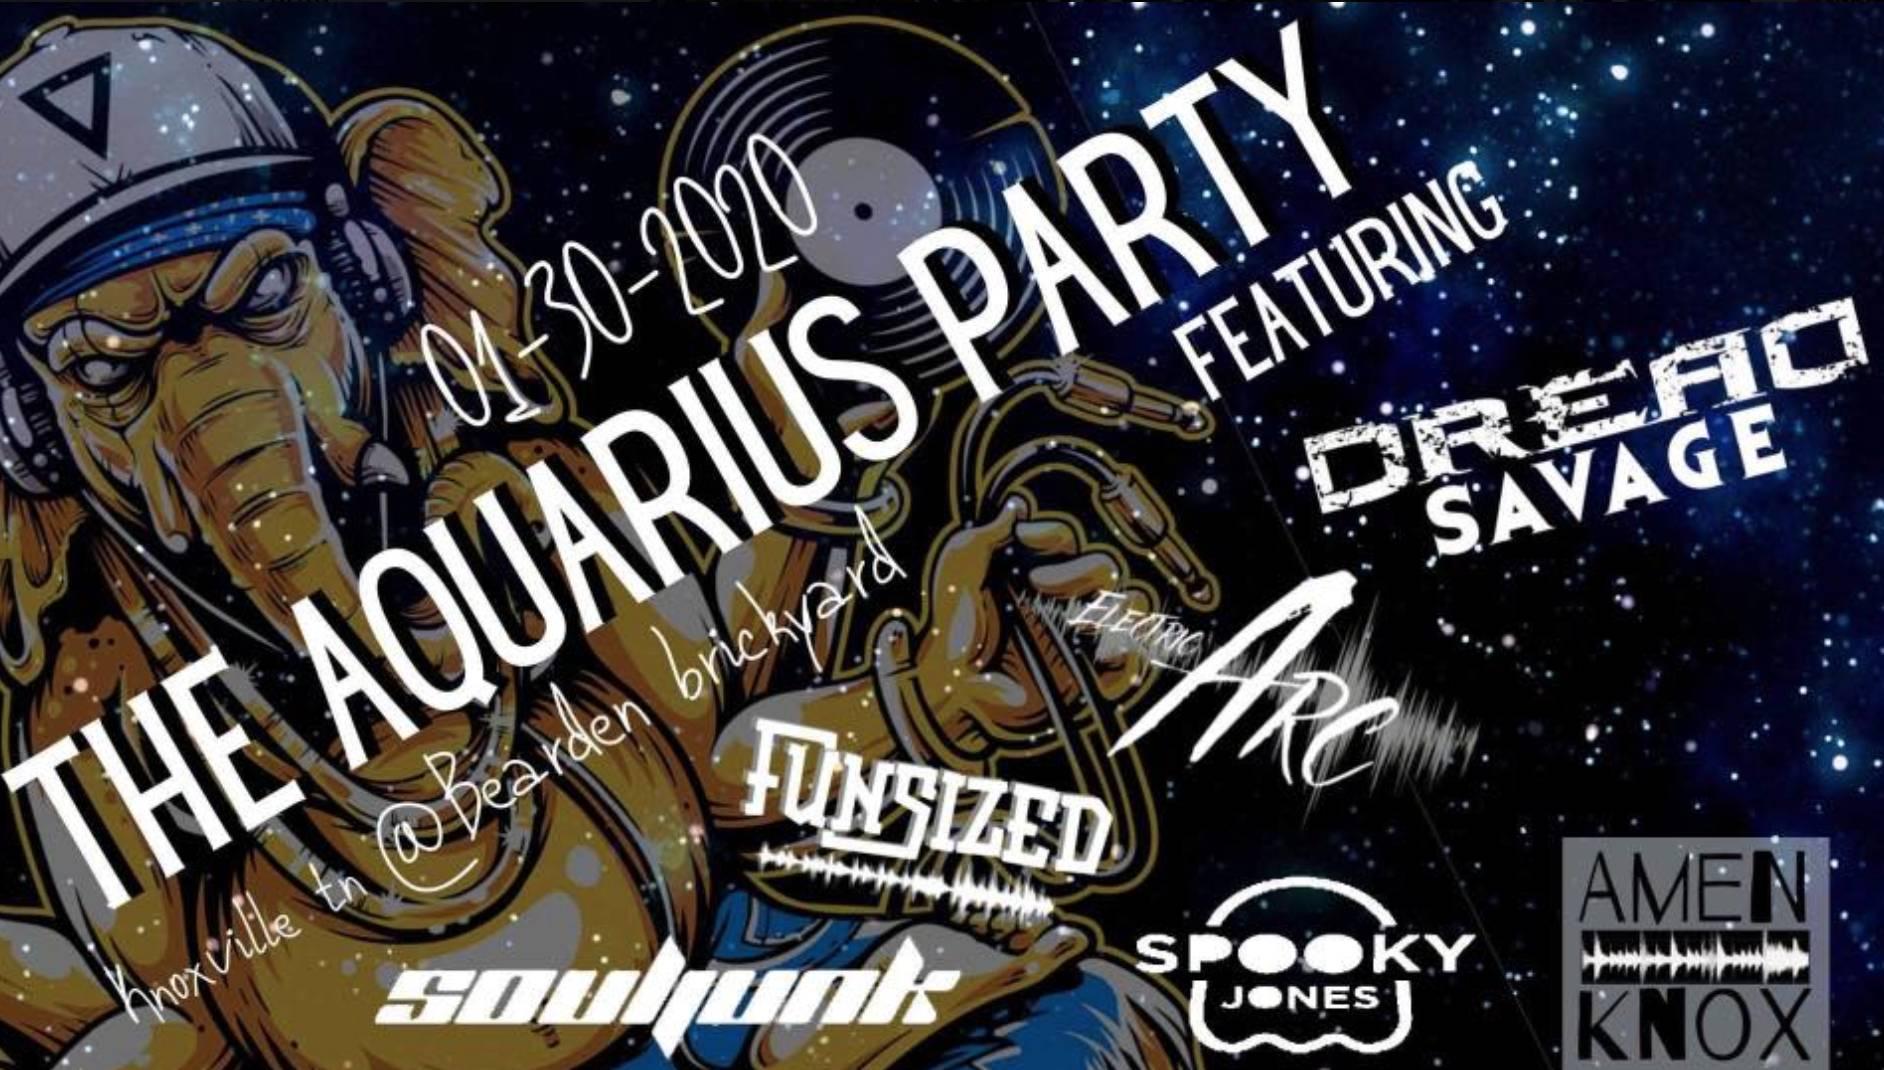 The Aquarius Party